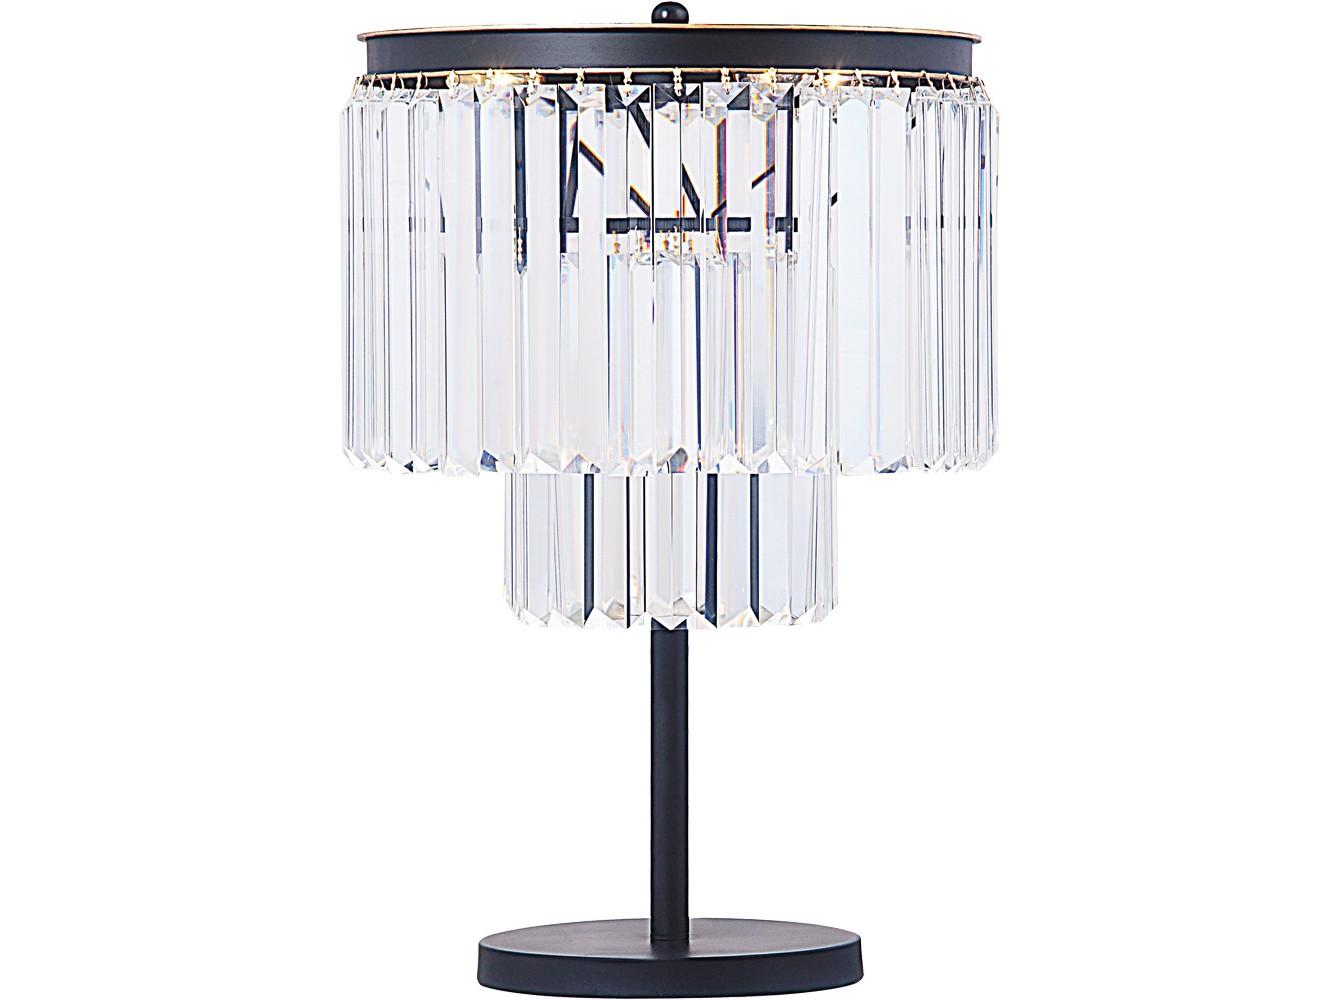 Настольная лампаДекоративные лампы<br>&amp;lt;div&amp;gt;Вид цоколя: Е14&amp;lt;/div&amp;gt;&amp;lt;div&amp;gt;Мощность ламп: 40W&amp;lt;/div&amp;gt;&amp;lt;div&amp;gt;Количество ламп: 4&amp;lt;/div&amp;gt;&amp;lt;div&amp;gt;Наличие ламп: нет&amp;lt;/div&amp;gt;<br><br>Material: Металл<br>Height см: 62<br>Diameter см: 40